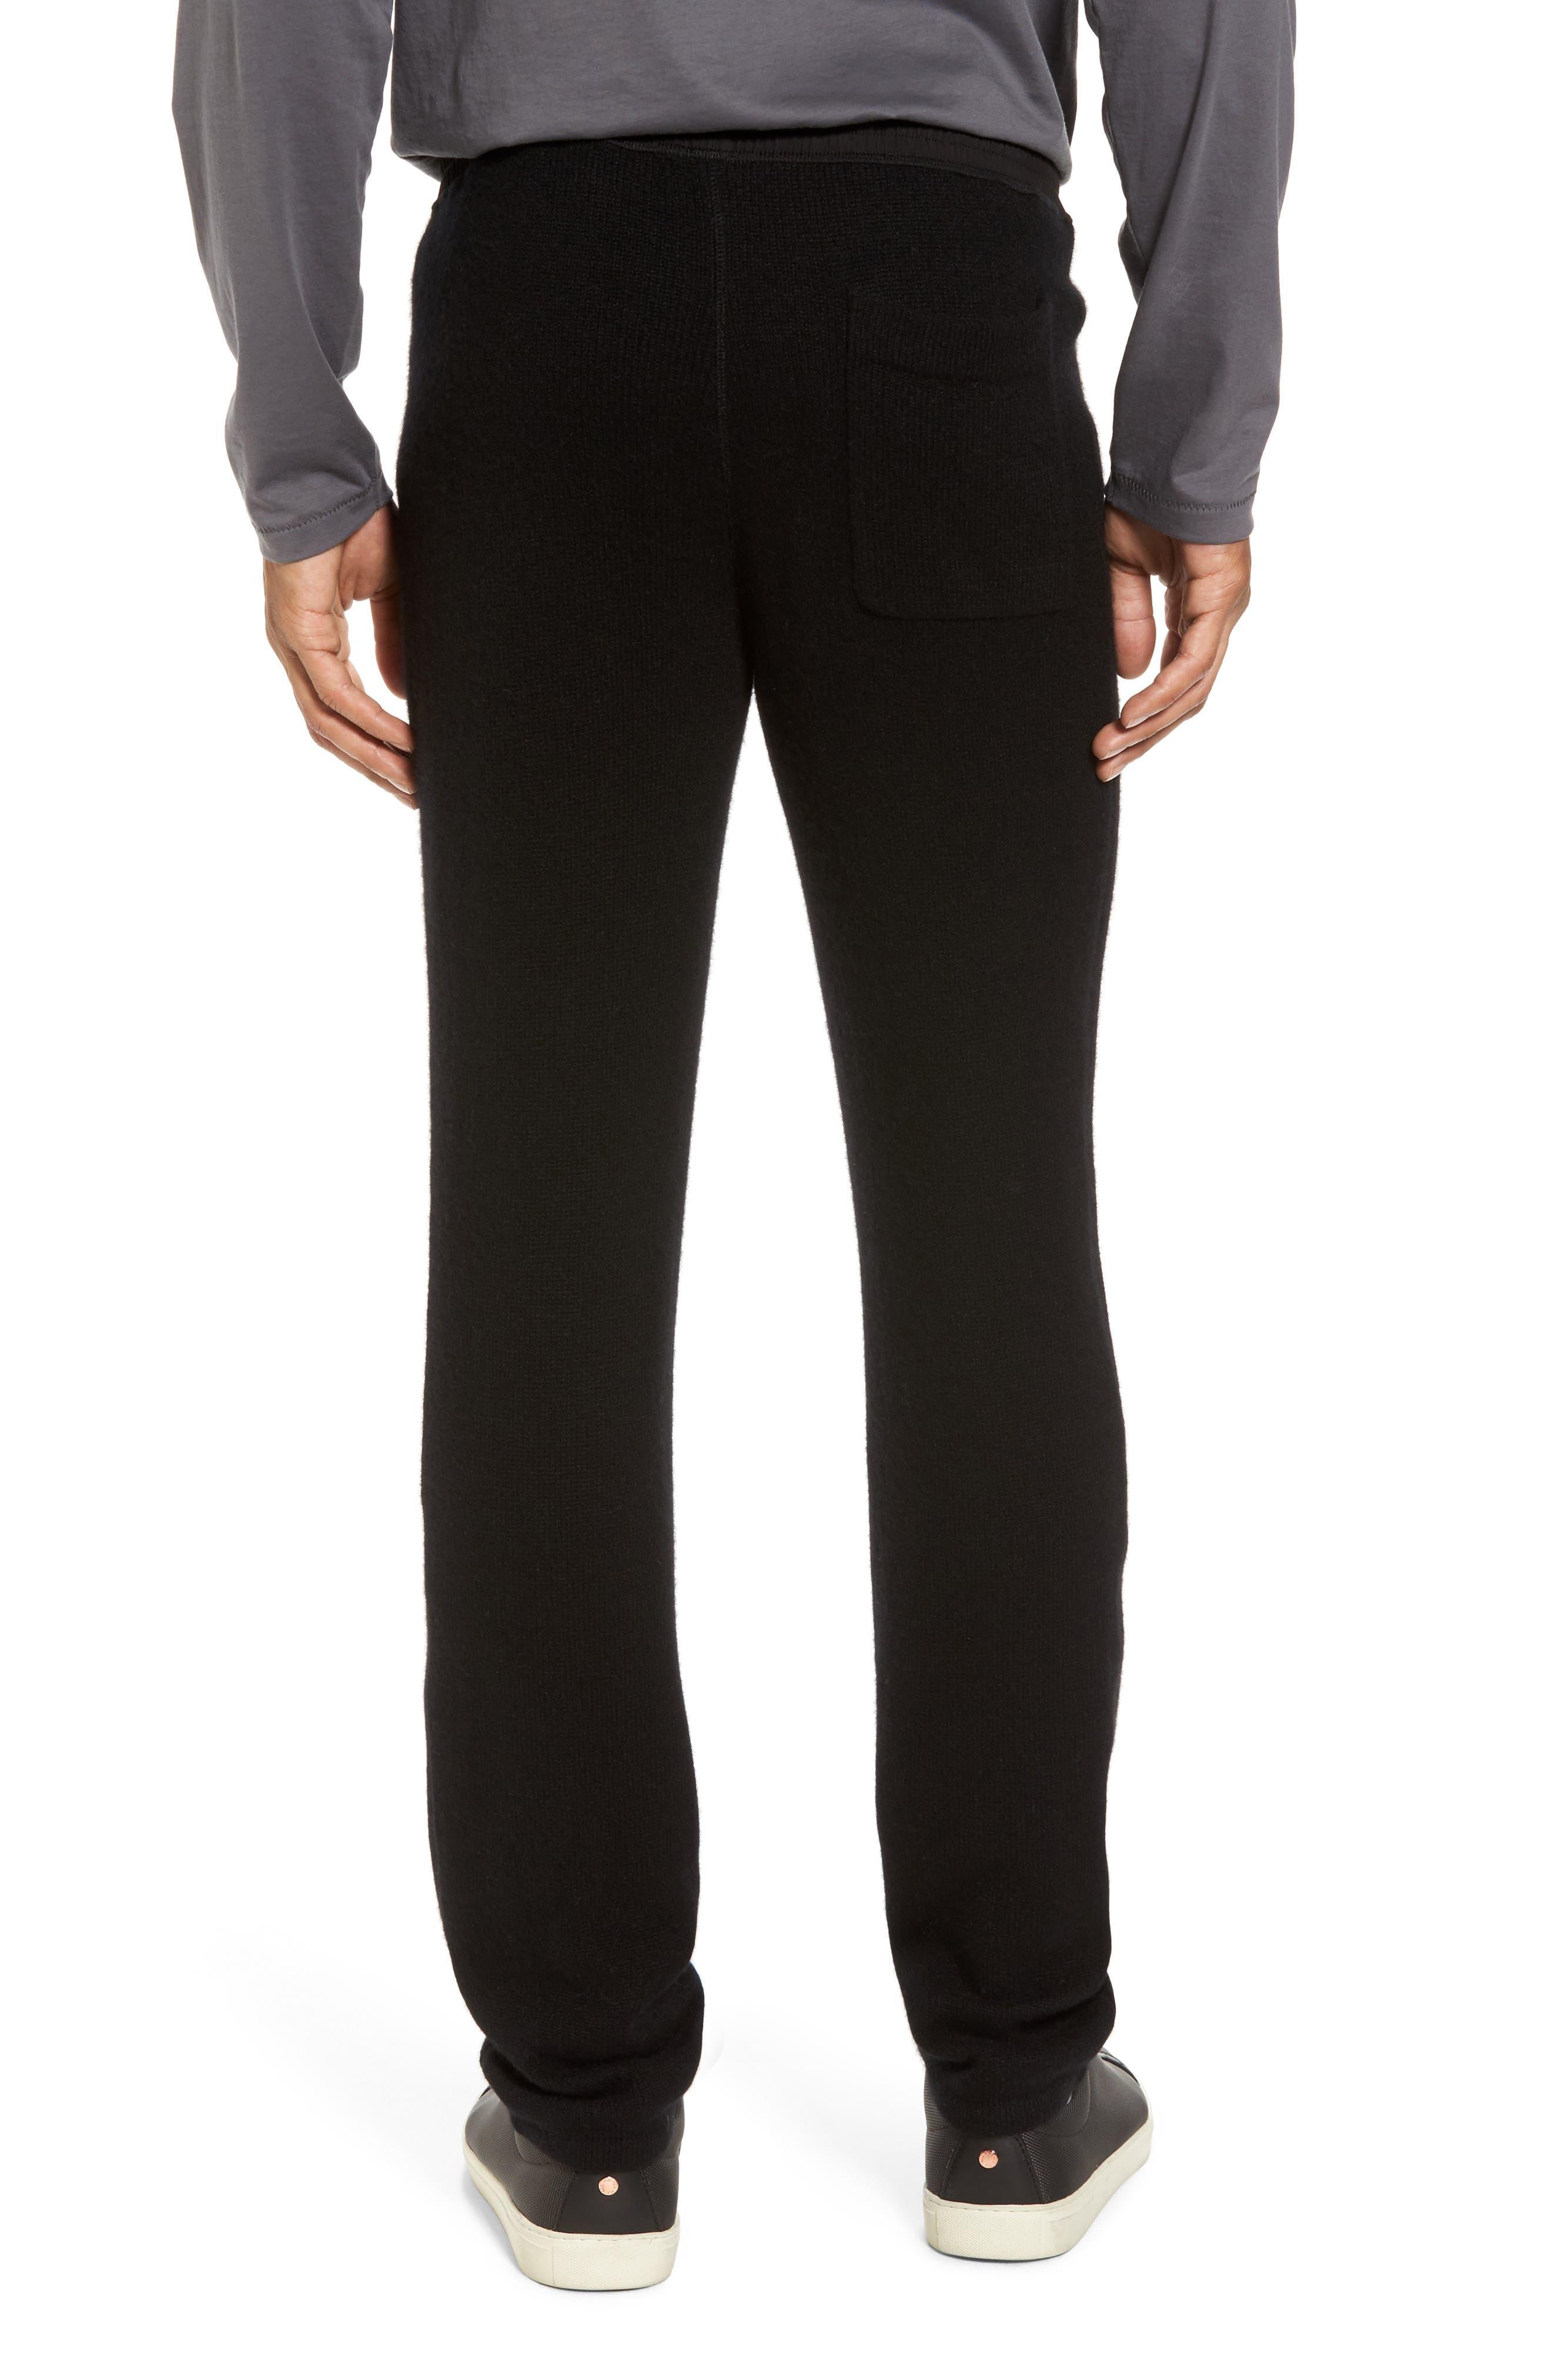 Cashmere Sweatpants,                             Alternate thumbnail 2, color,                             001